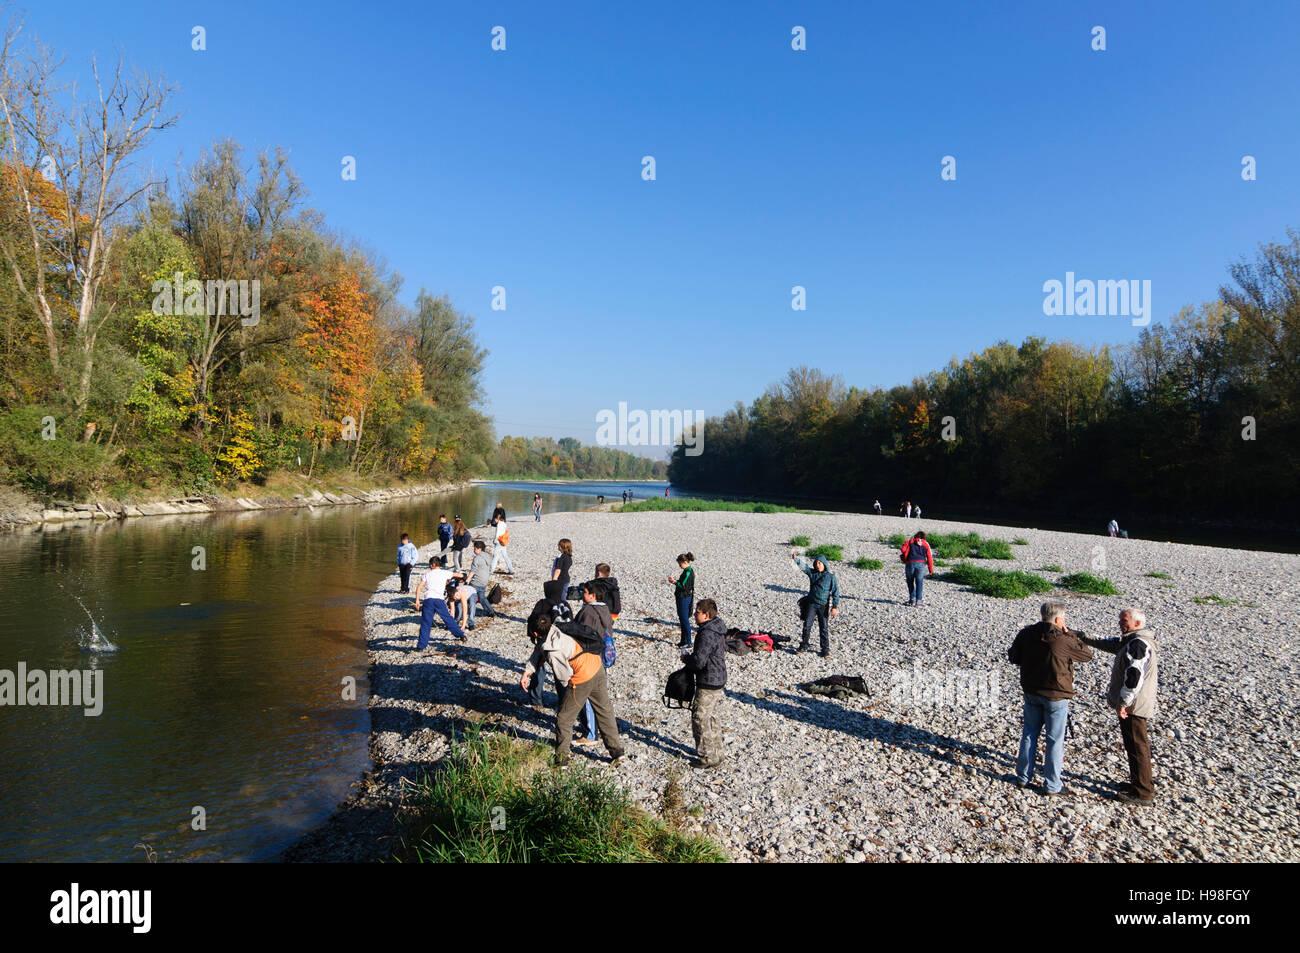 Augsburg: Zusammenfluss Fluss Wertach und Fluss Lech, Schwaben, Swabia, Bayern, Bavaria, Germany - Stock Image